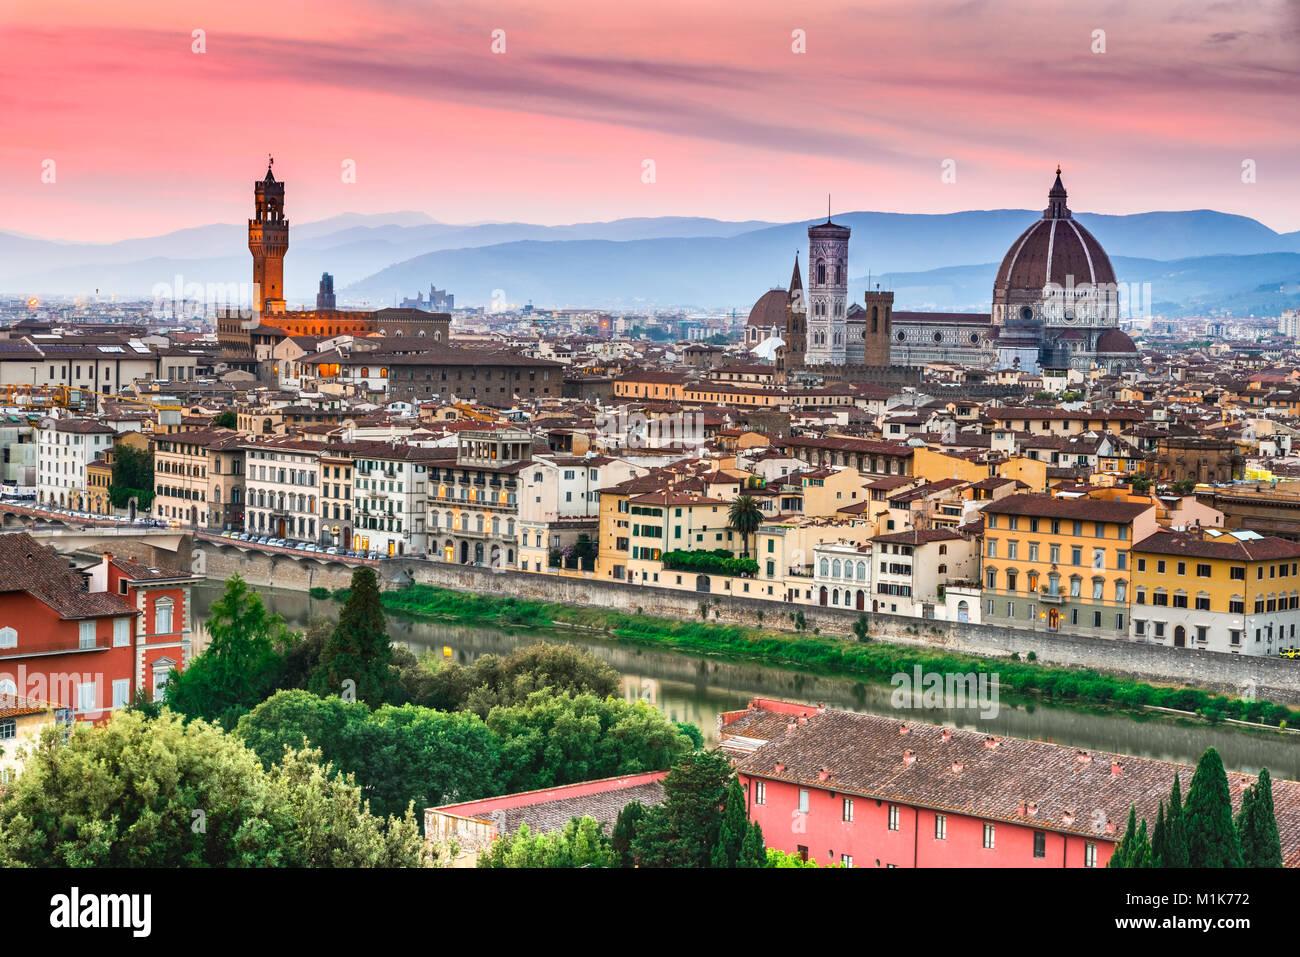 Florence, Tuscany - Night scenery with Duomo Santa Maria del Fiori and Palazzo Vecchio, Renaissance architecture - Stock Image